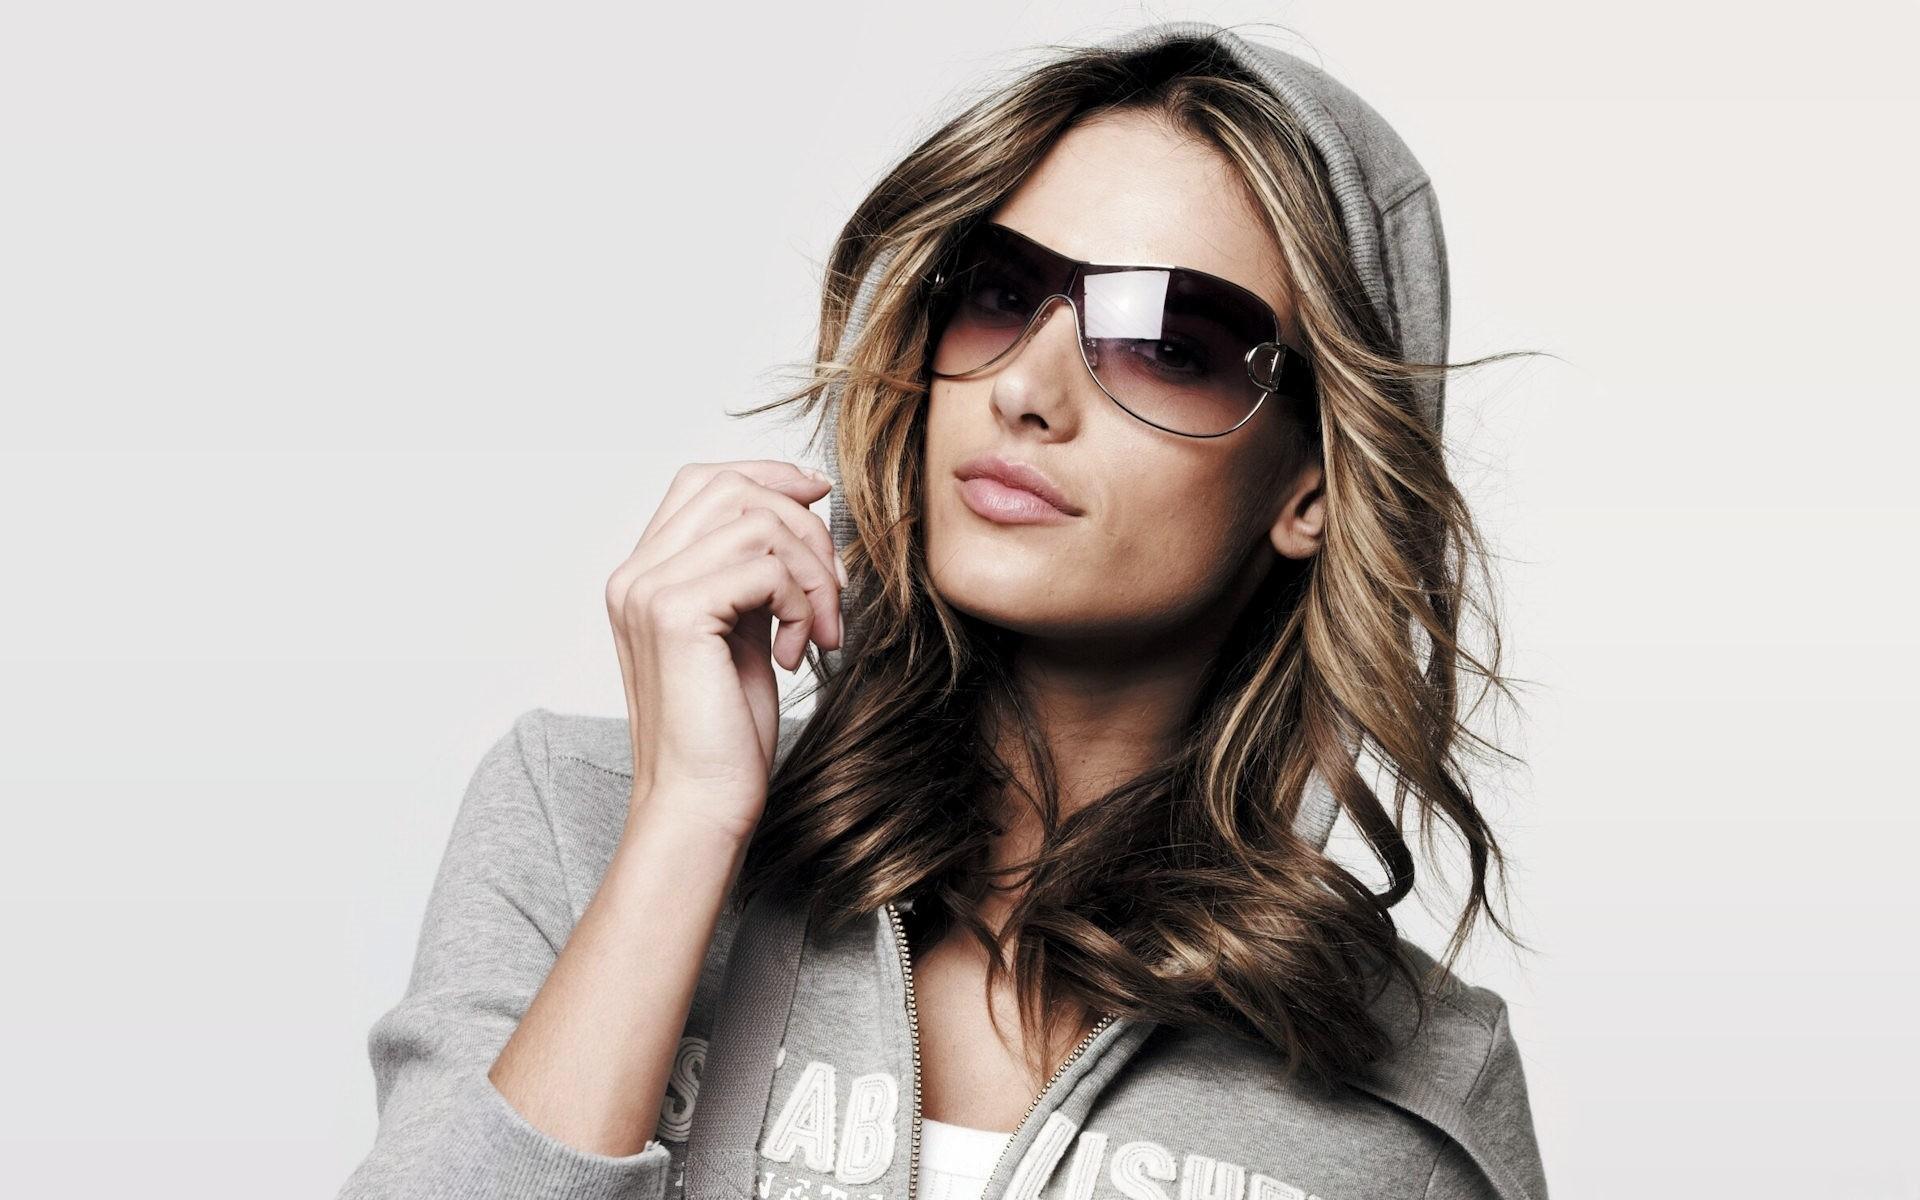 women-models_00346113